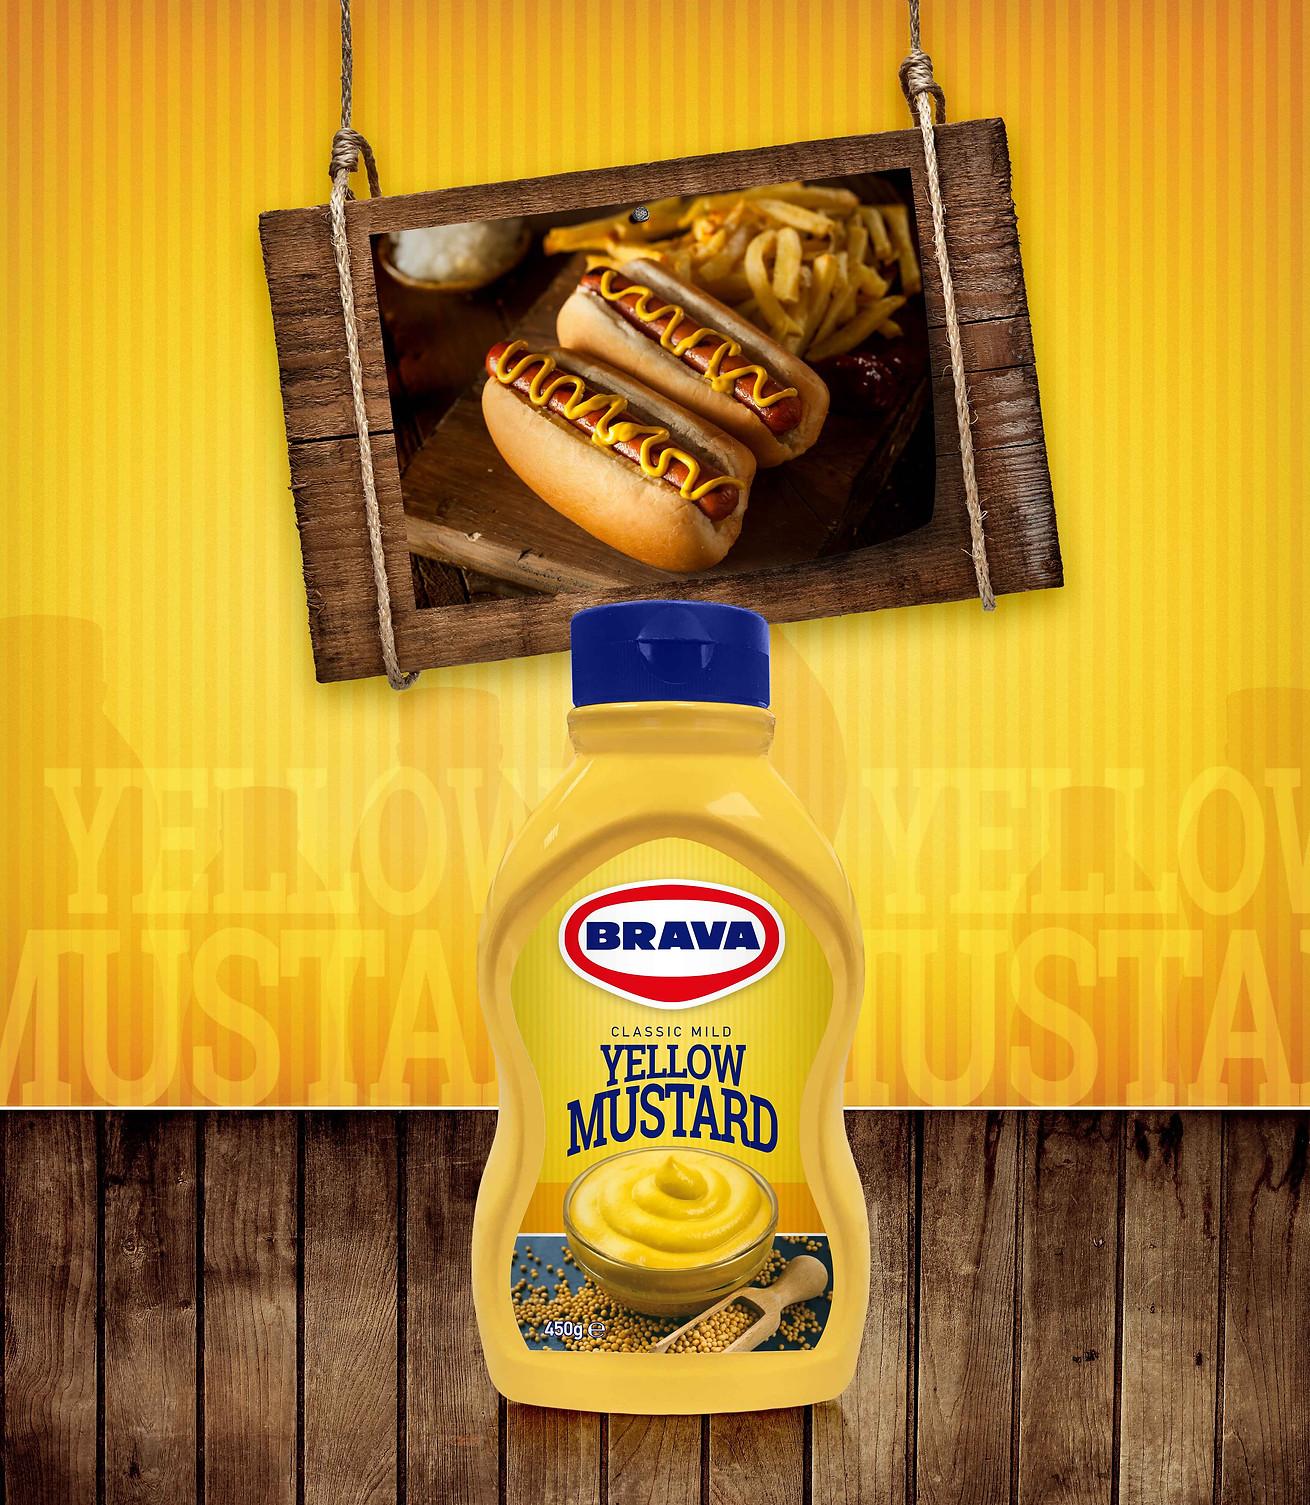 Brava Yellow Mustard